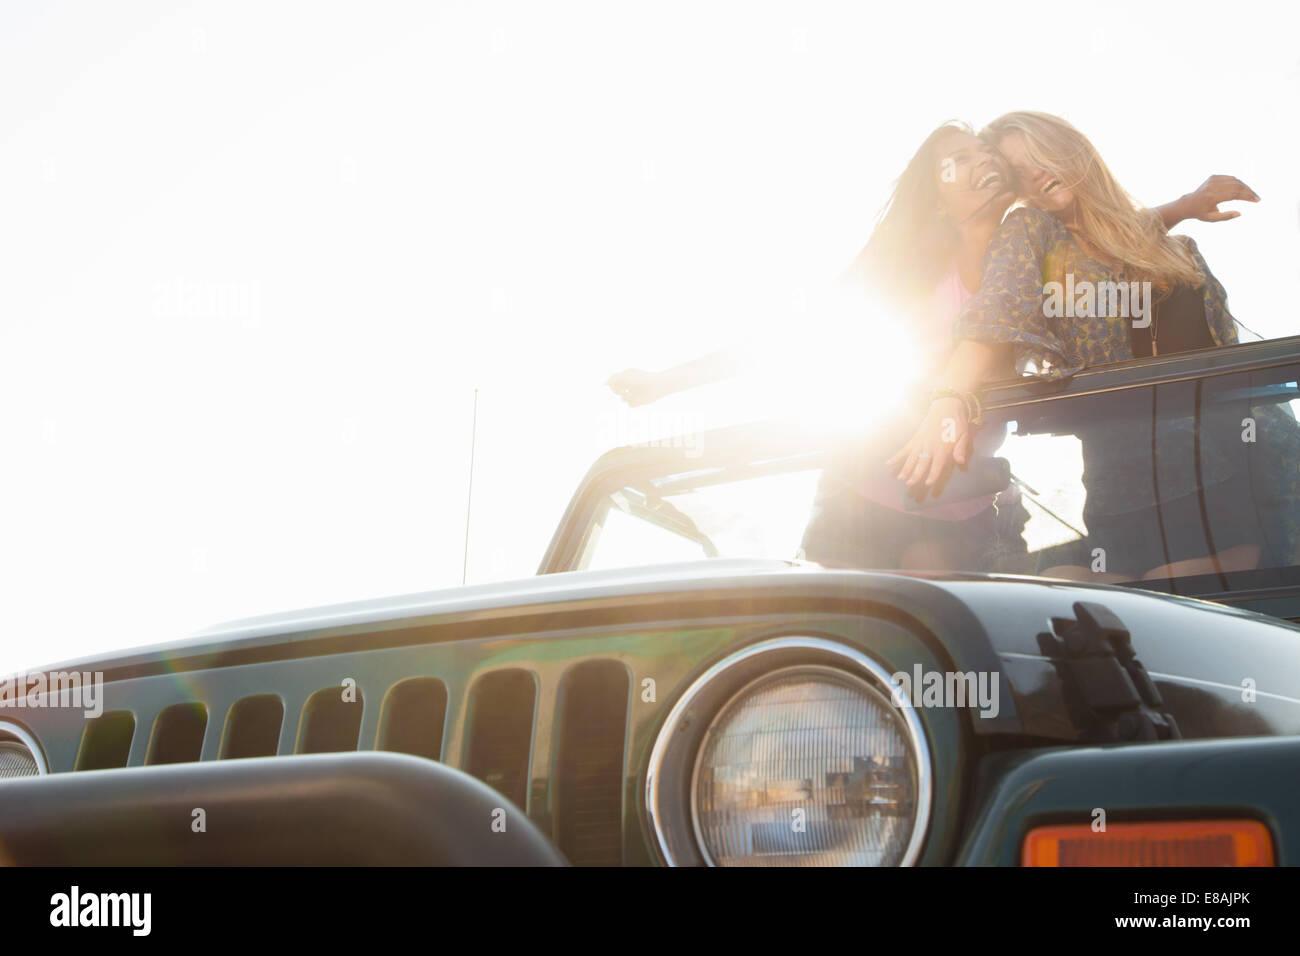 Dos jóvenes mujeres de pie en la parte trasera del jeep Imagen De Stock